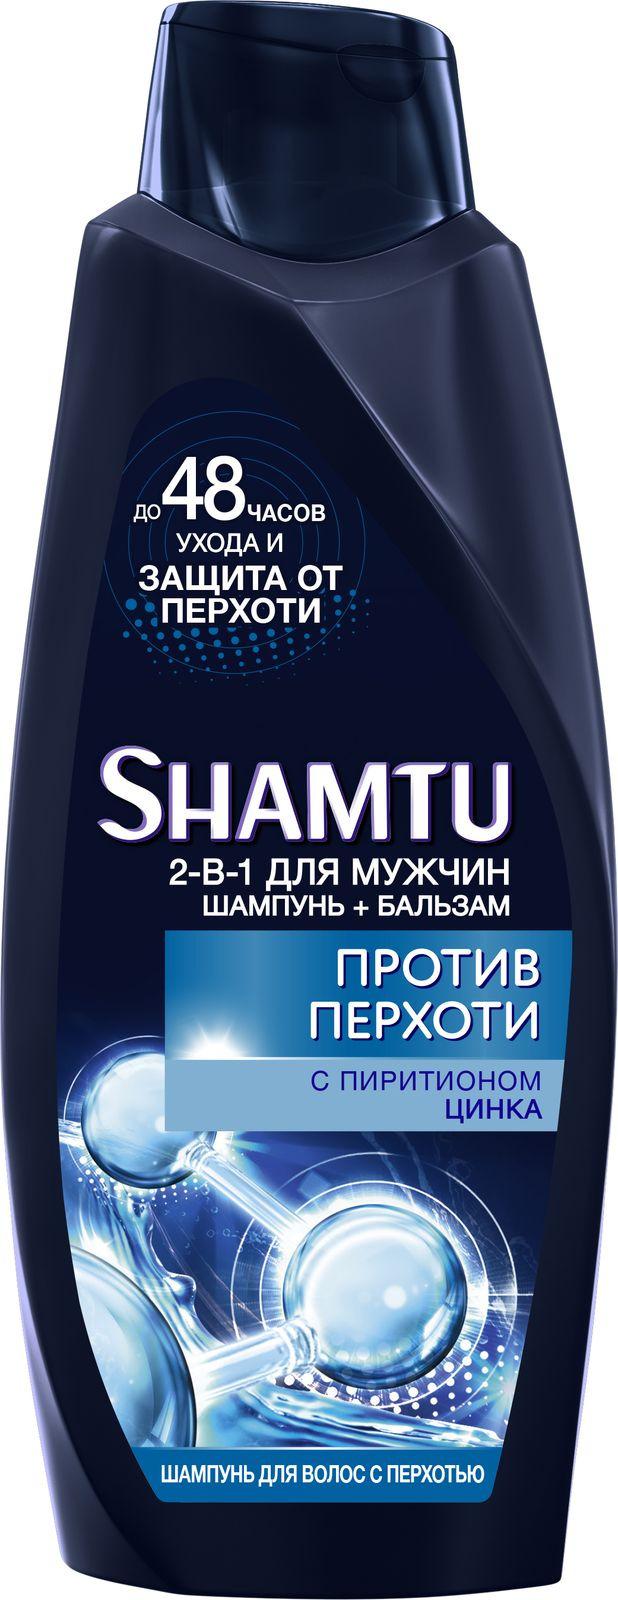 Шампунь для волос мужской Shamtu Против перхоти, 650 мл Shamtu